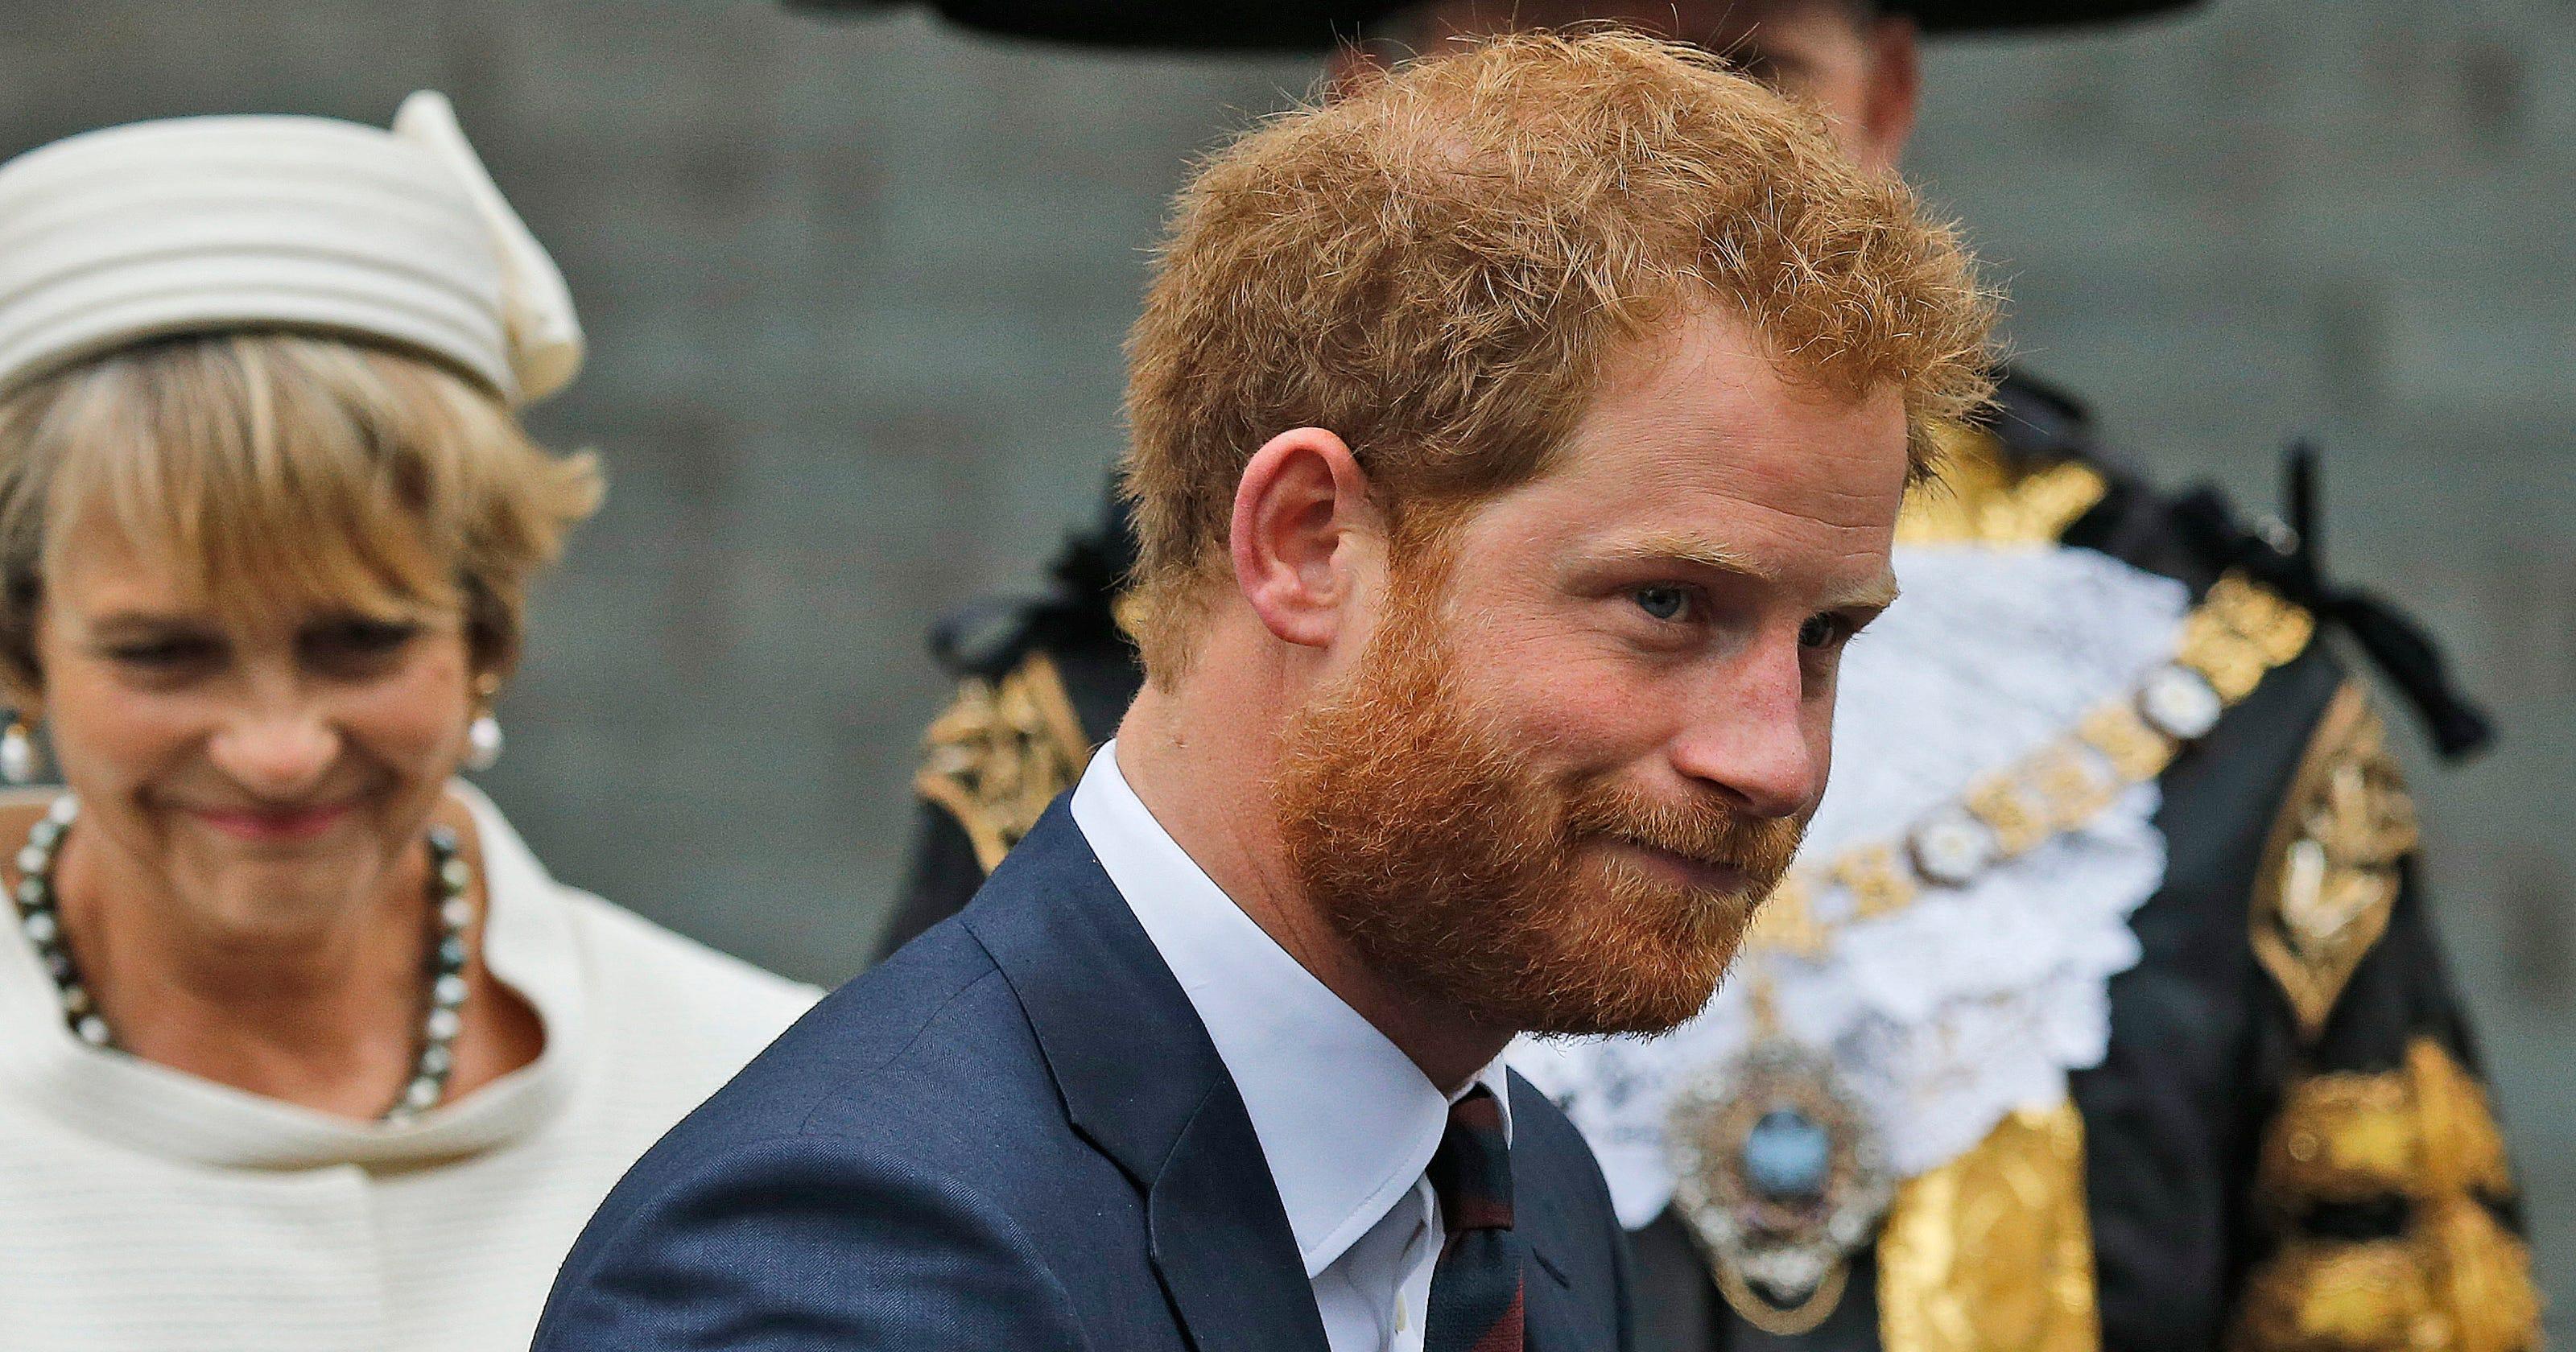 Still-hairy Prince Harry hails war veterans